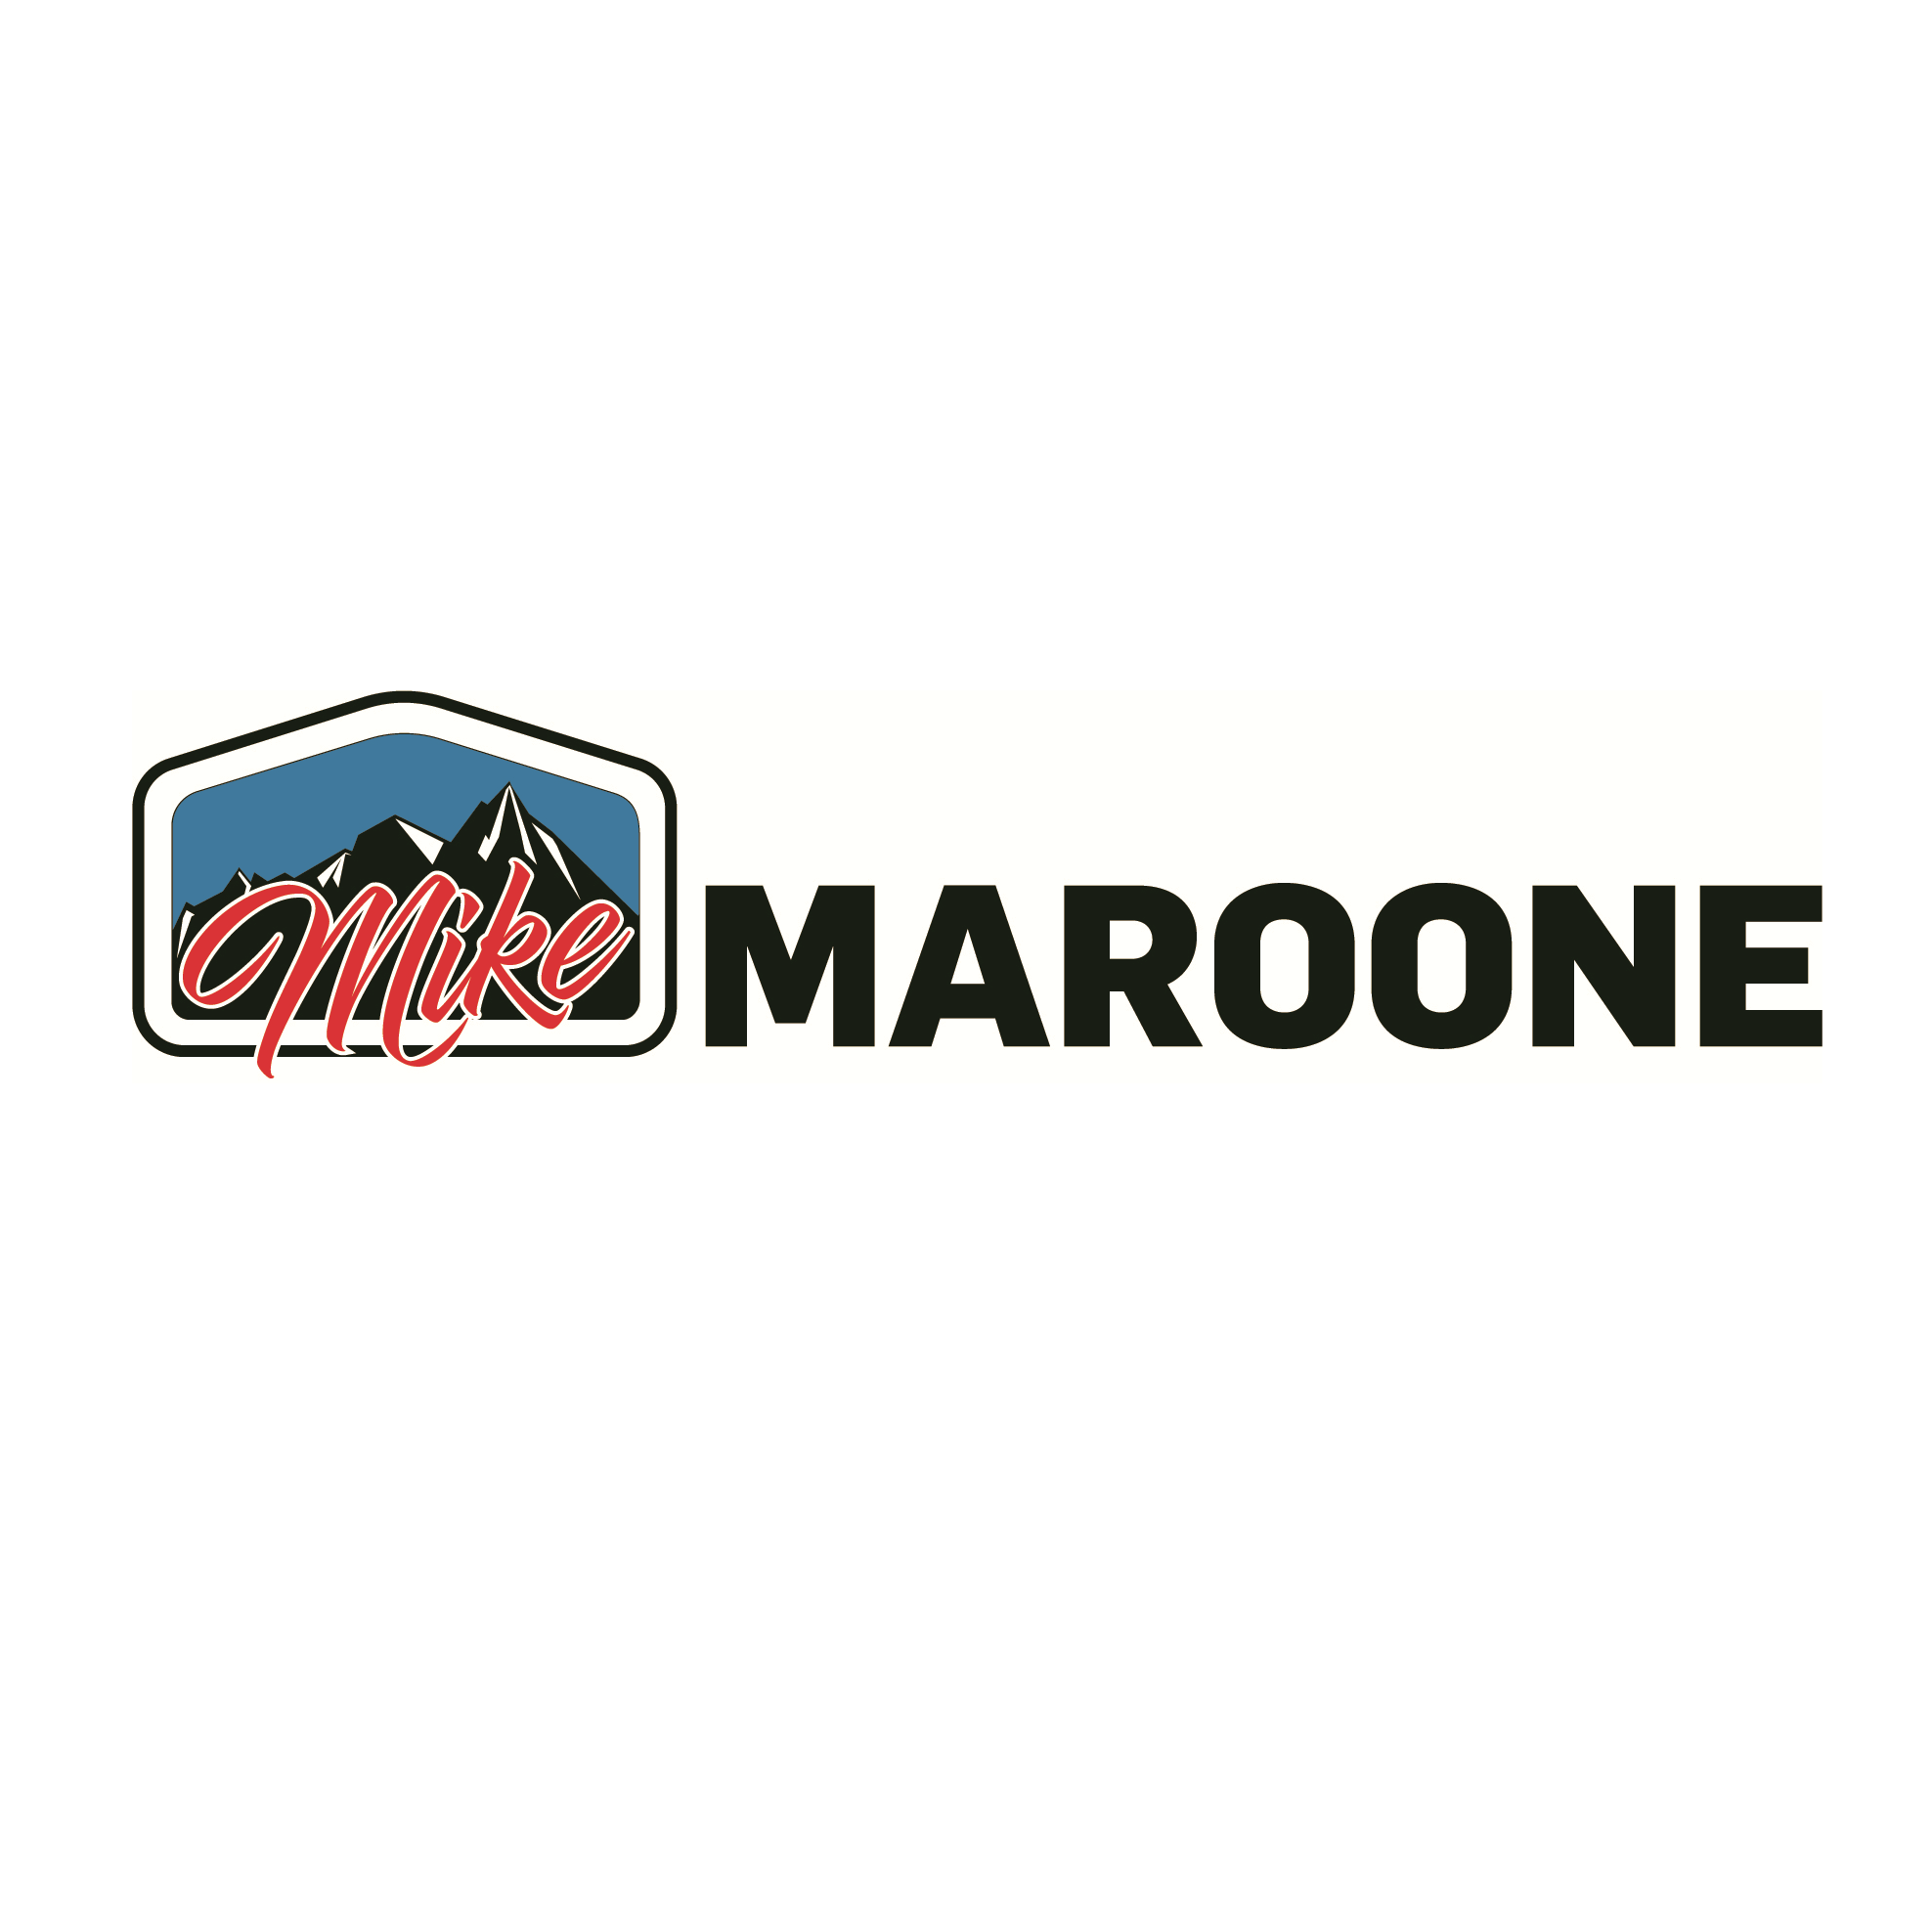 Mike Maroone Military